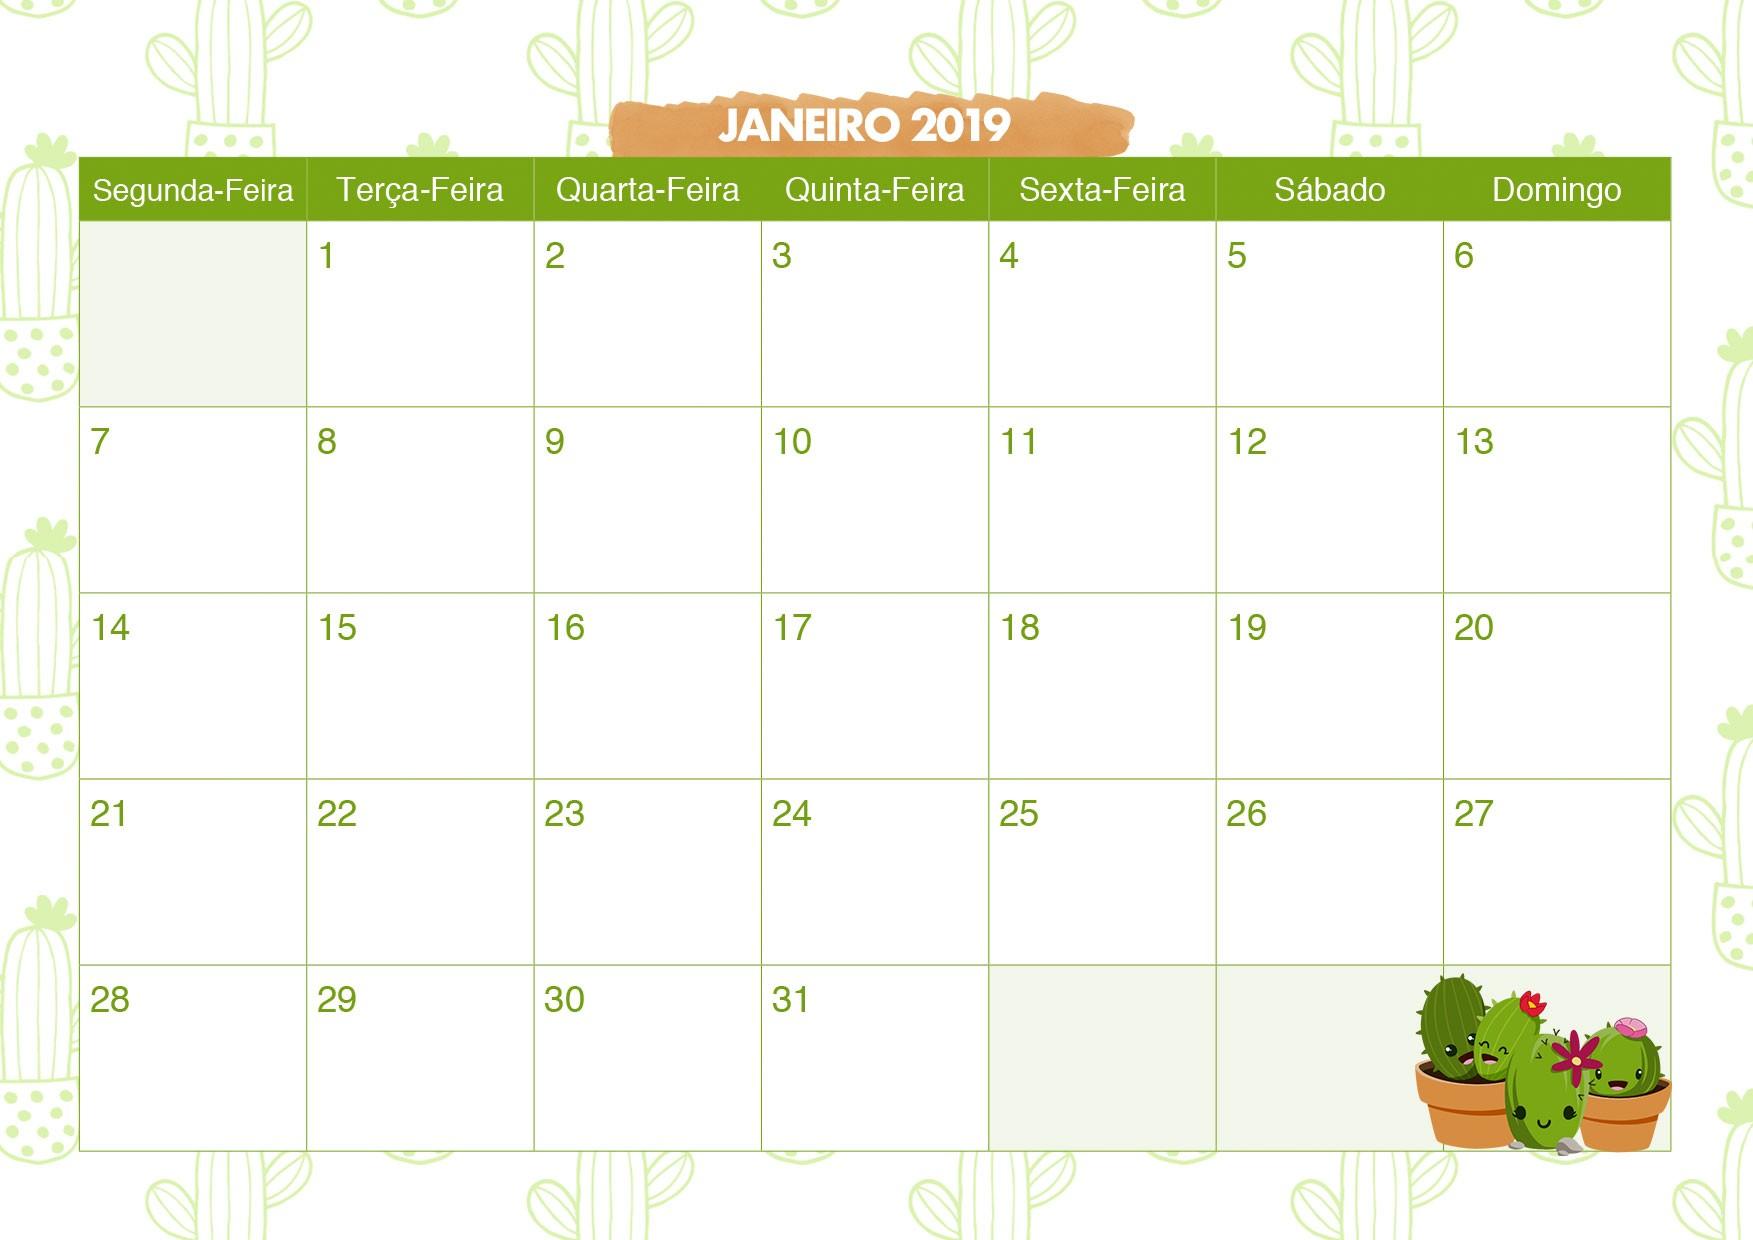 Calendario Febrero 2018 Para Imprimir Excel Más Actual Calendario 2019 Para Imprimir Fazendo A Nossa Festa Of Calendario Febrero 2018 Para Imprimir Excel Más Recientes Calendario En Blanco Buscar Con Google Julio 2015 Agosto 2016